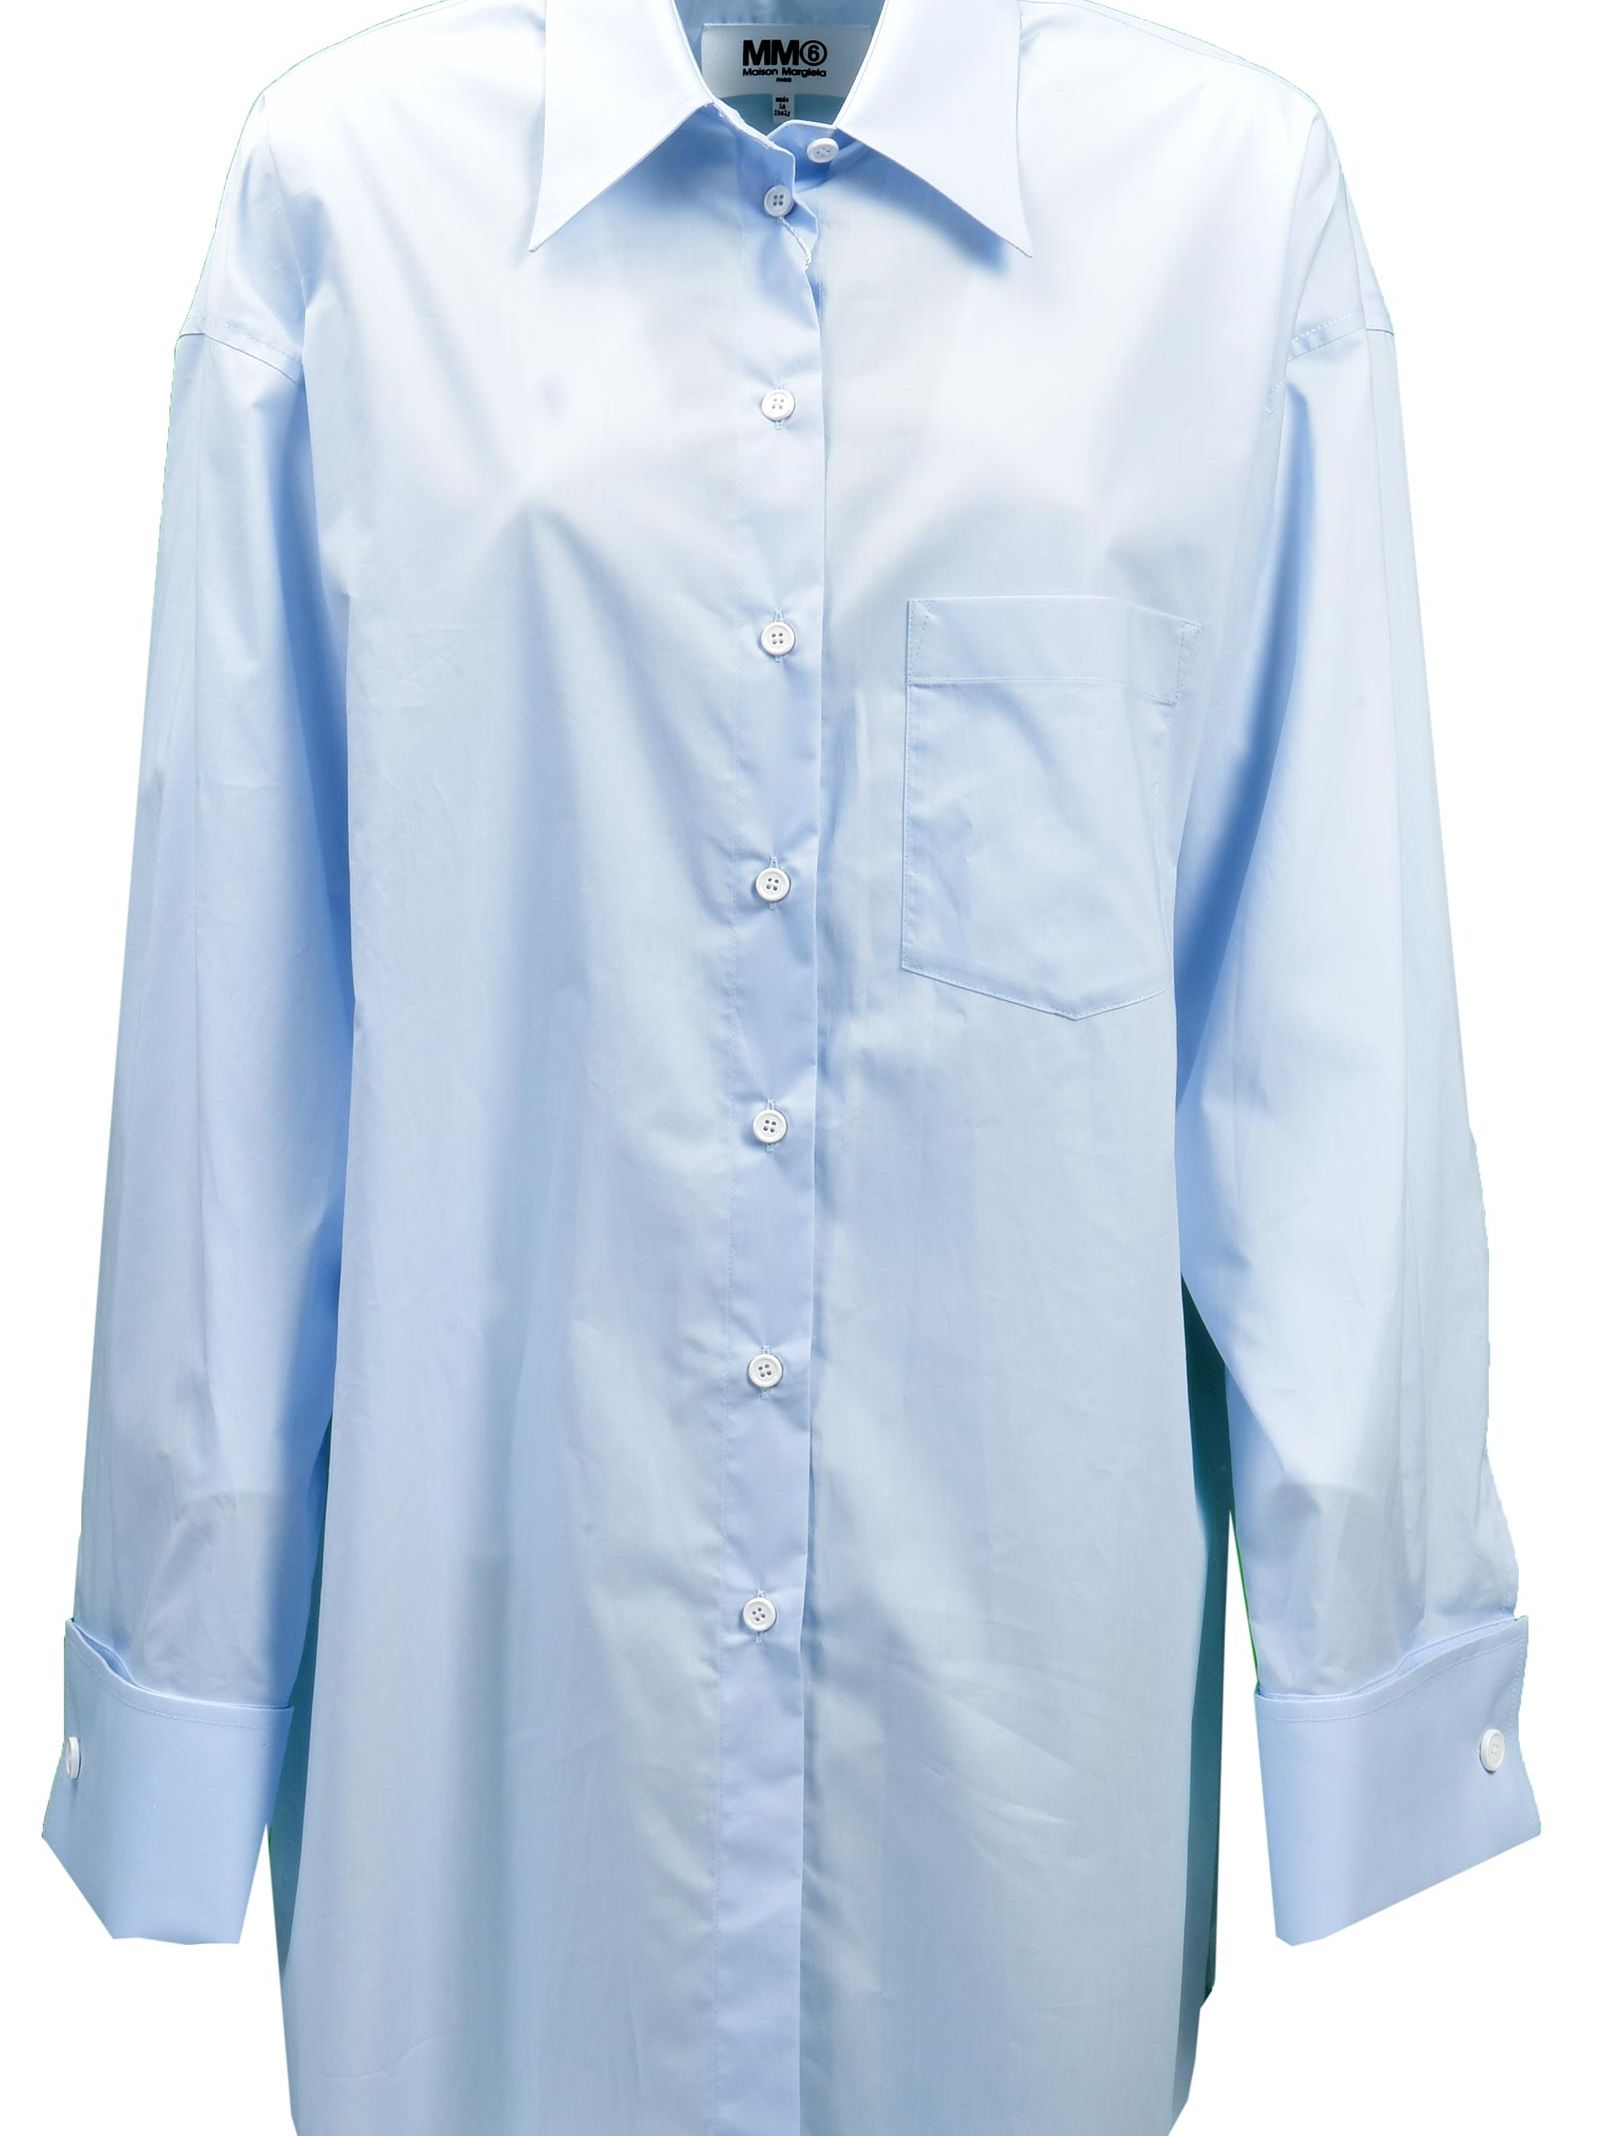 Mm6 Maison Margiela Oversized Classic Shirt